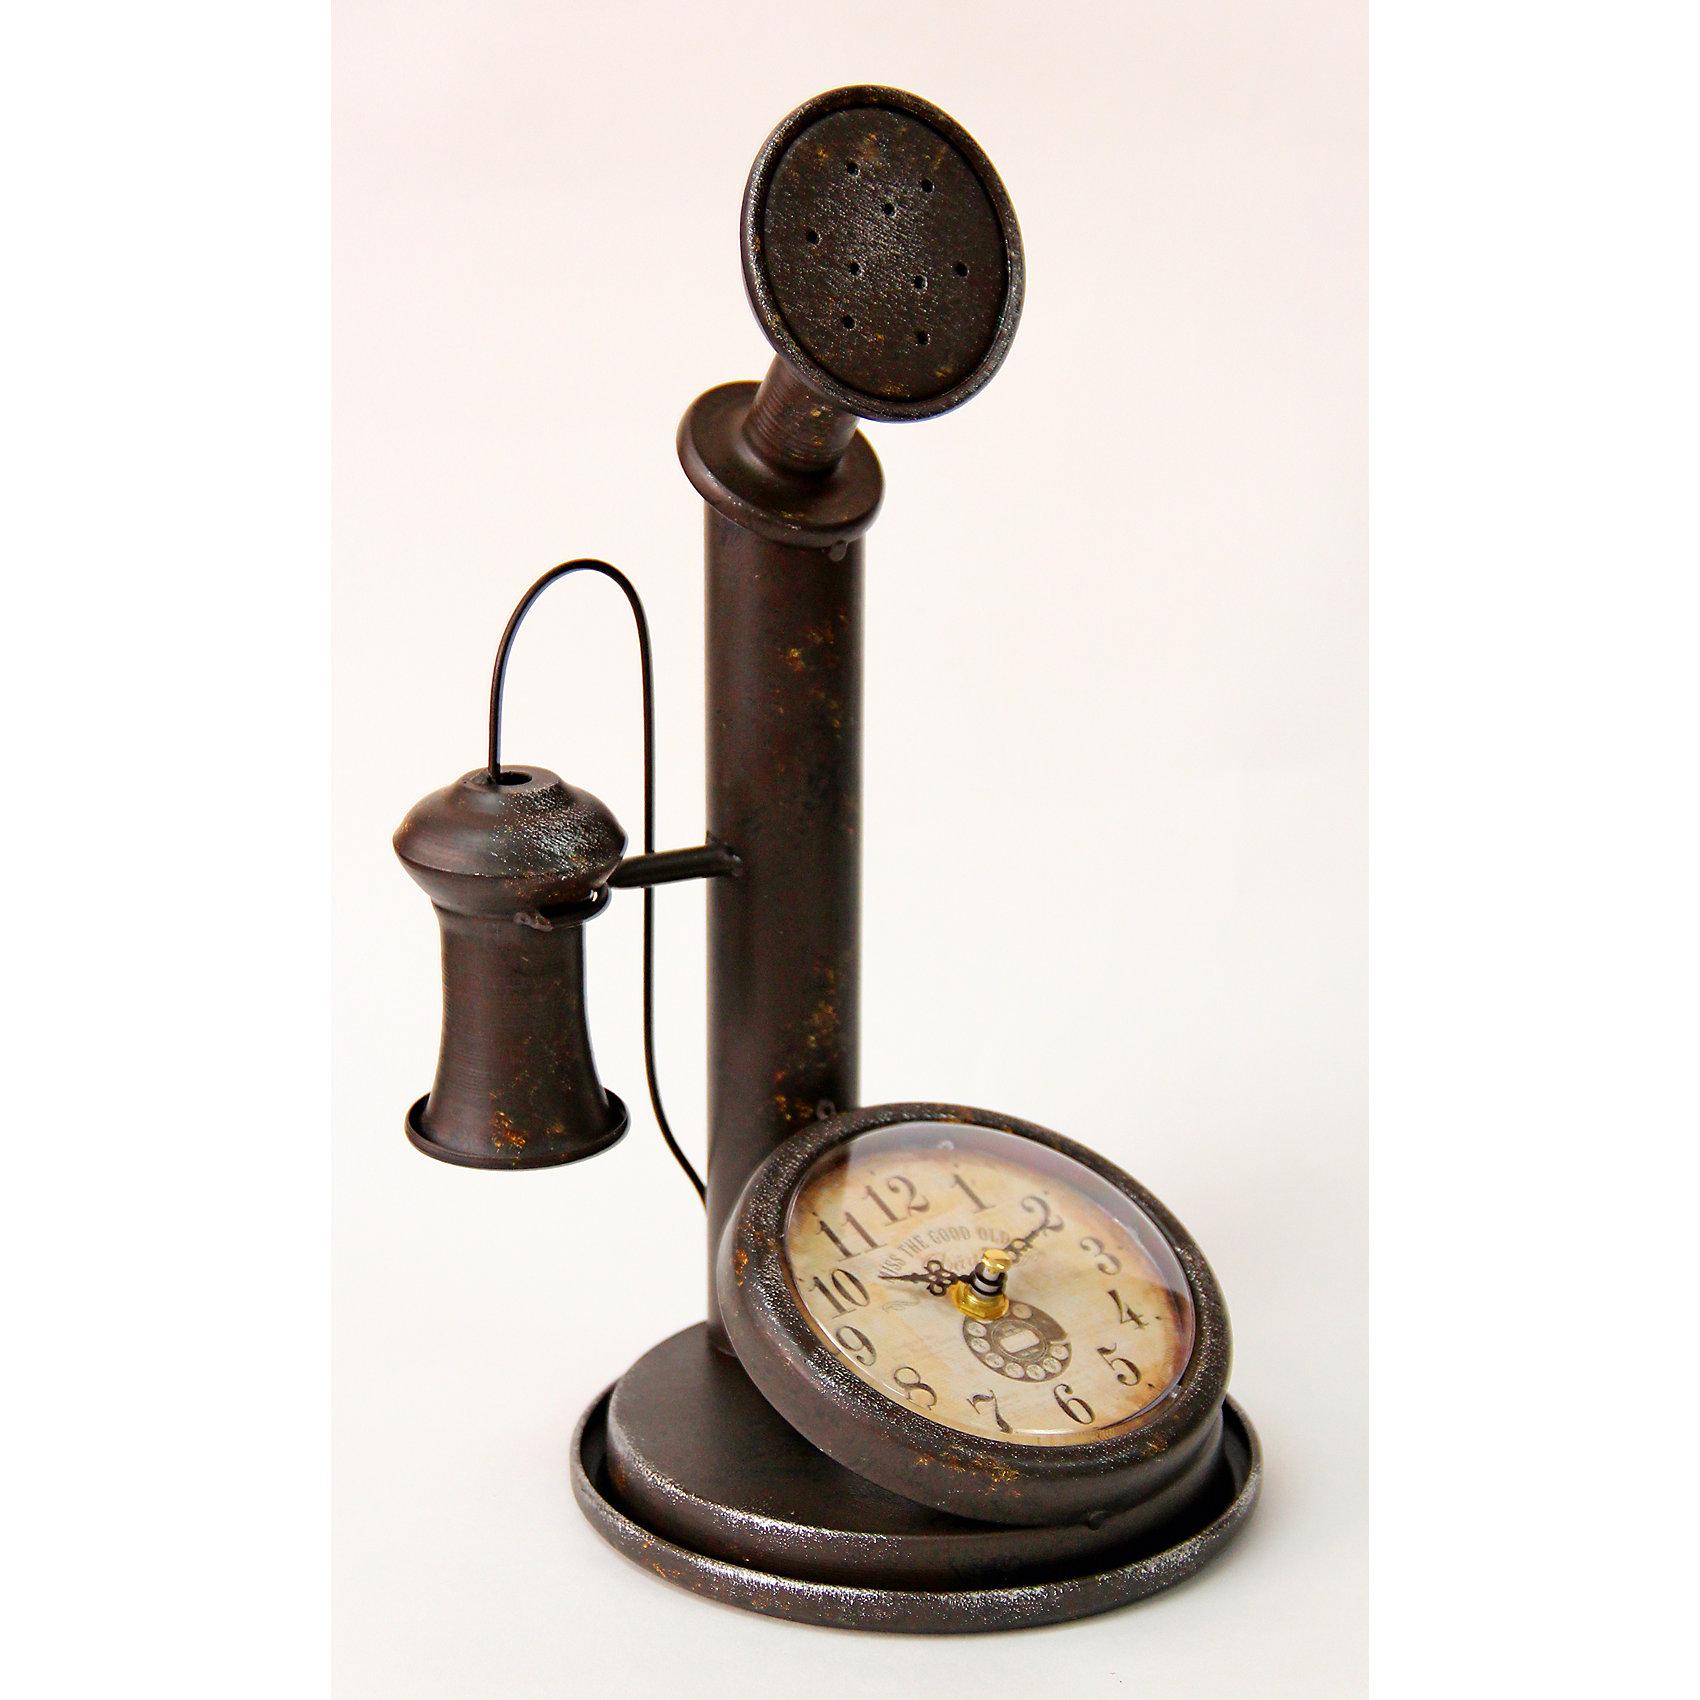 Часы Ретро телефон настольные кварцевые, Феникс-ПрезентПредметы интерьера<br>Часы Ретро телефон настольные кварцевые, Феникс-Презент<br><br>Характеристики:<br><br>• оригинальный дизайн в виде ретро телефона<br>• тип часов: кварцевые<br>• размер: 33х17х18 см<br>• материал: металл<br>• материал циферблата: металл с покрытием из принтованной бумаги<br>• батарейки: АА - 1 шт. (не входит в комплект)<br><br>Часы Ретро телефон изготовлены из качественного металла. Циферблат покрыт принтованной бумагой. Часы выполнены в виде старинного телефона. Они оживят интерьер комнаты, создавая неповторимый стиль. Кроме того, часы можно преподнести в подарок.<br><br>Часы Ретро телефон настольные кварцевые, Феникс-Презент можно купить в нашем интернет-магазине.<br><br>Ширина мм: 180<br>Глубина мм: 170<br>Высота мм: 330<br>Вес г: 717<br>Возраст от месяцев: 120<br>Возраст до месяцев: 2147483647<br>Пол: Унисекс<br>Возраст: Детский<br>SKU: 5449712